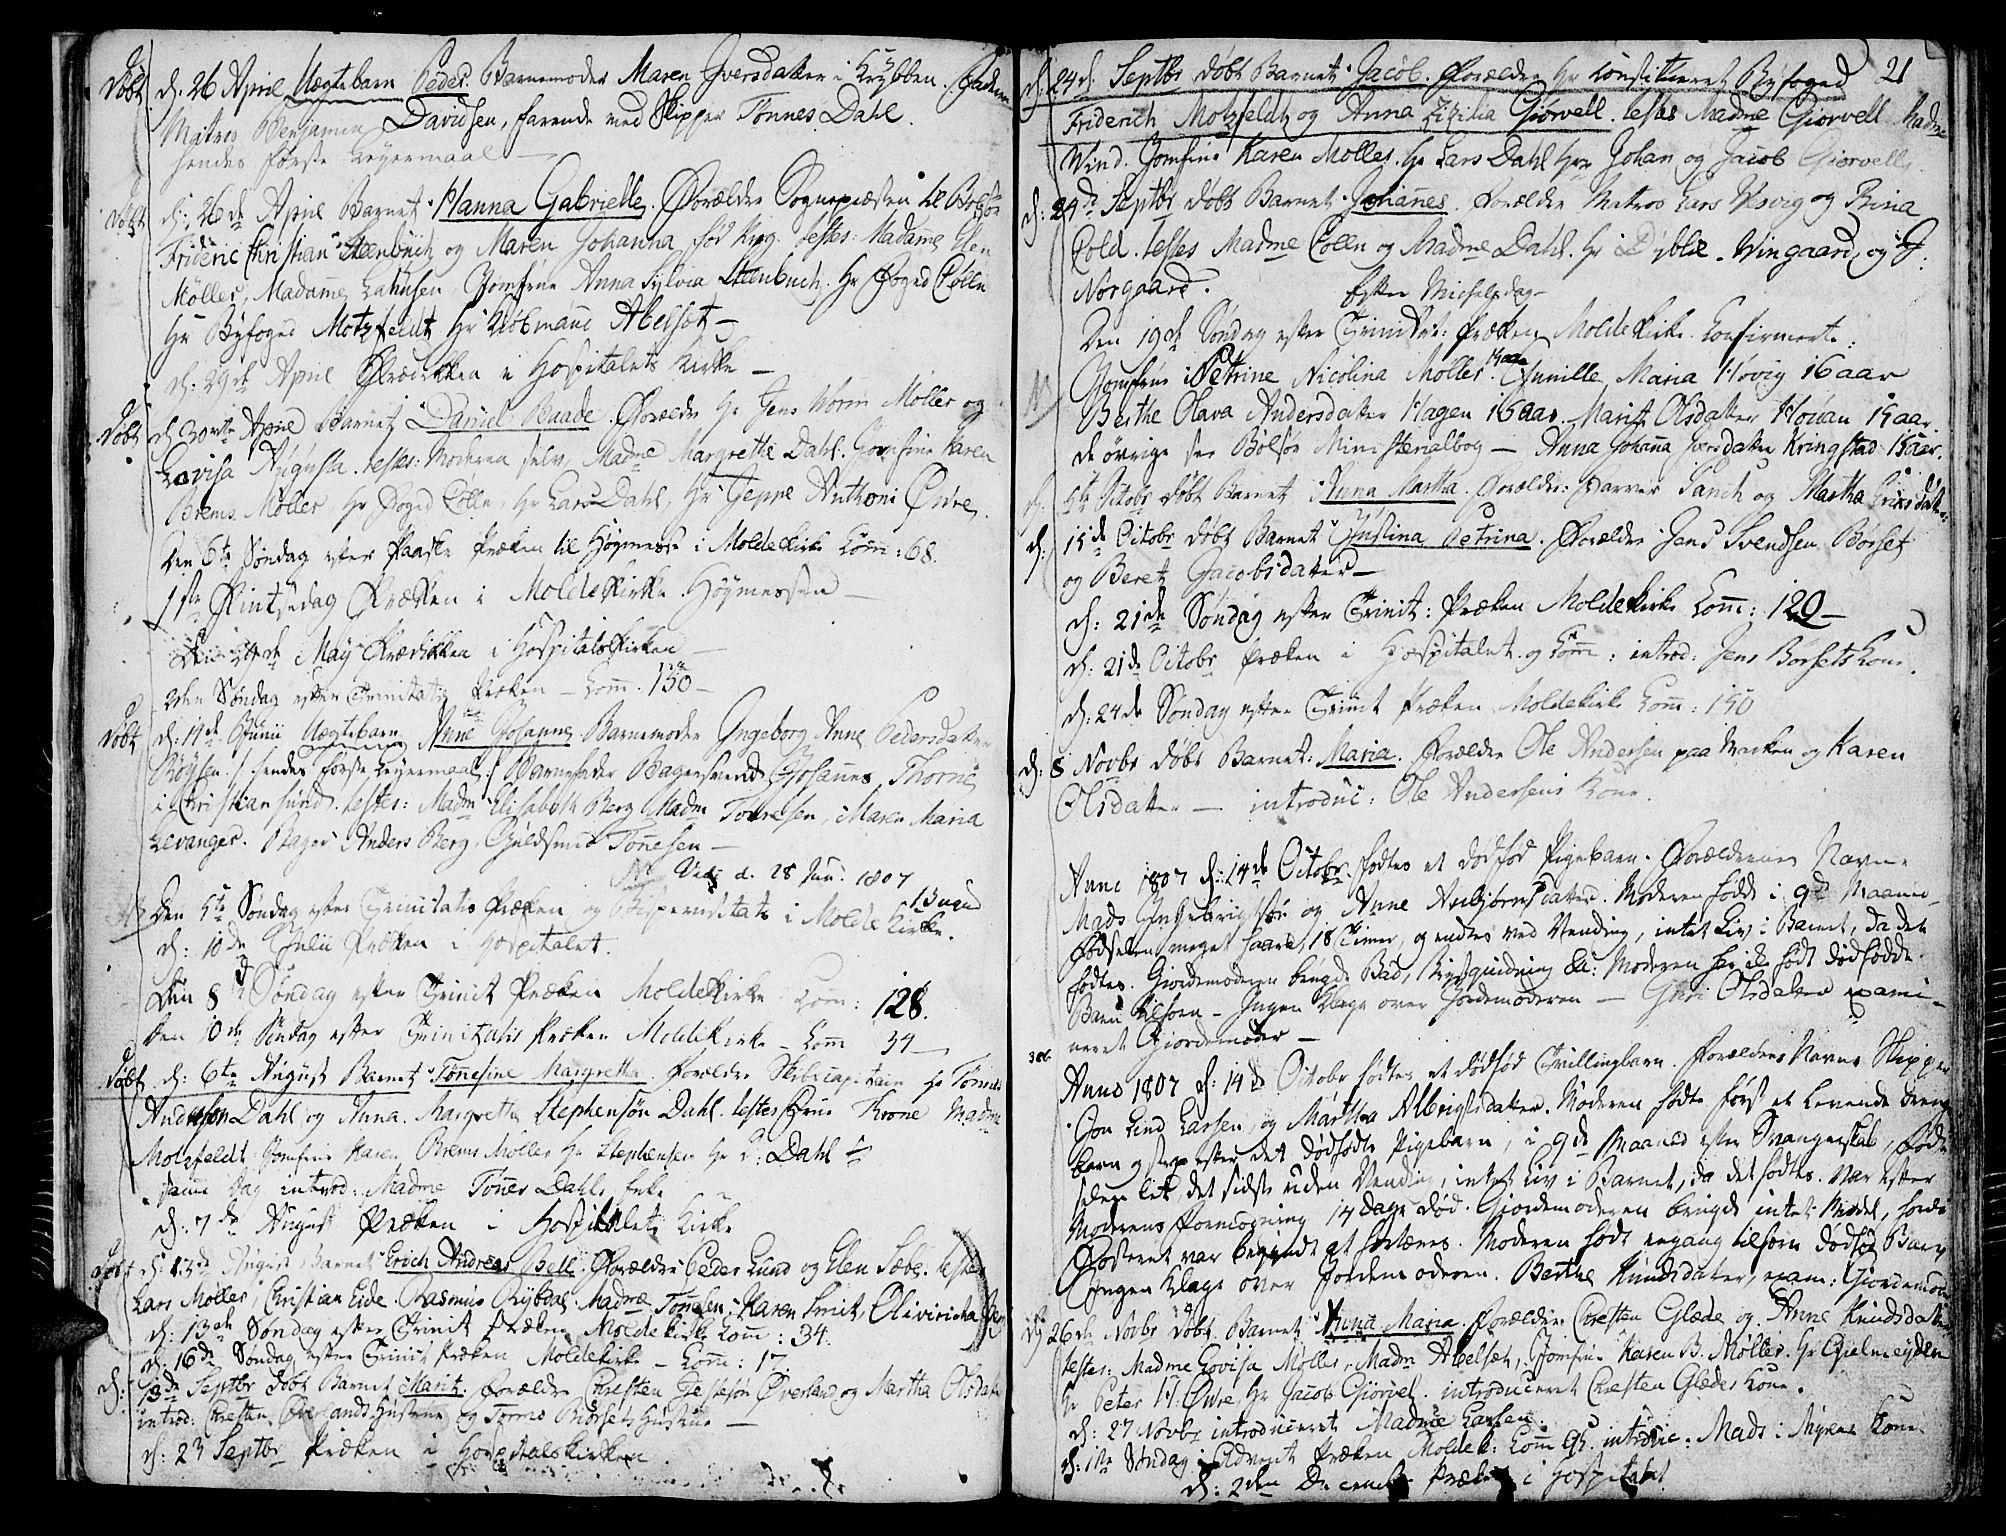 SAT, Ministerialprotokoller, klokkerbøker og fødselsregistre - Møre og Romsdal, 558/L0687: Ministerialbok nr. 558A01, 1798-1818, s. 21